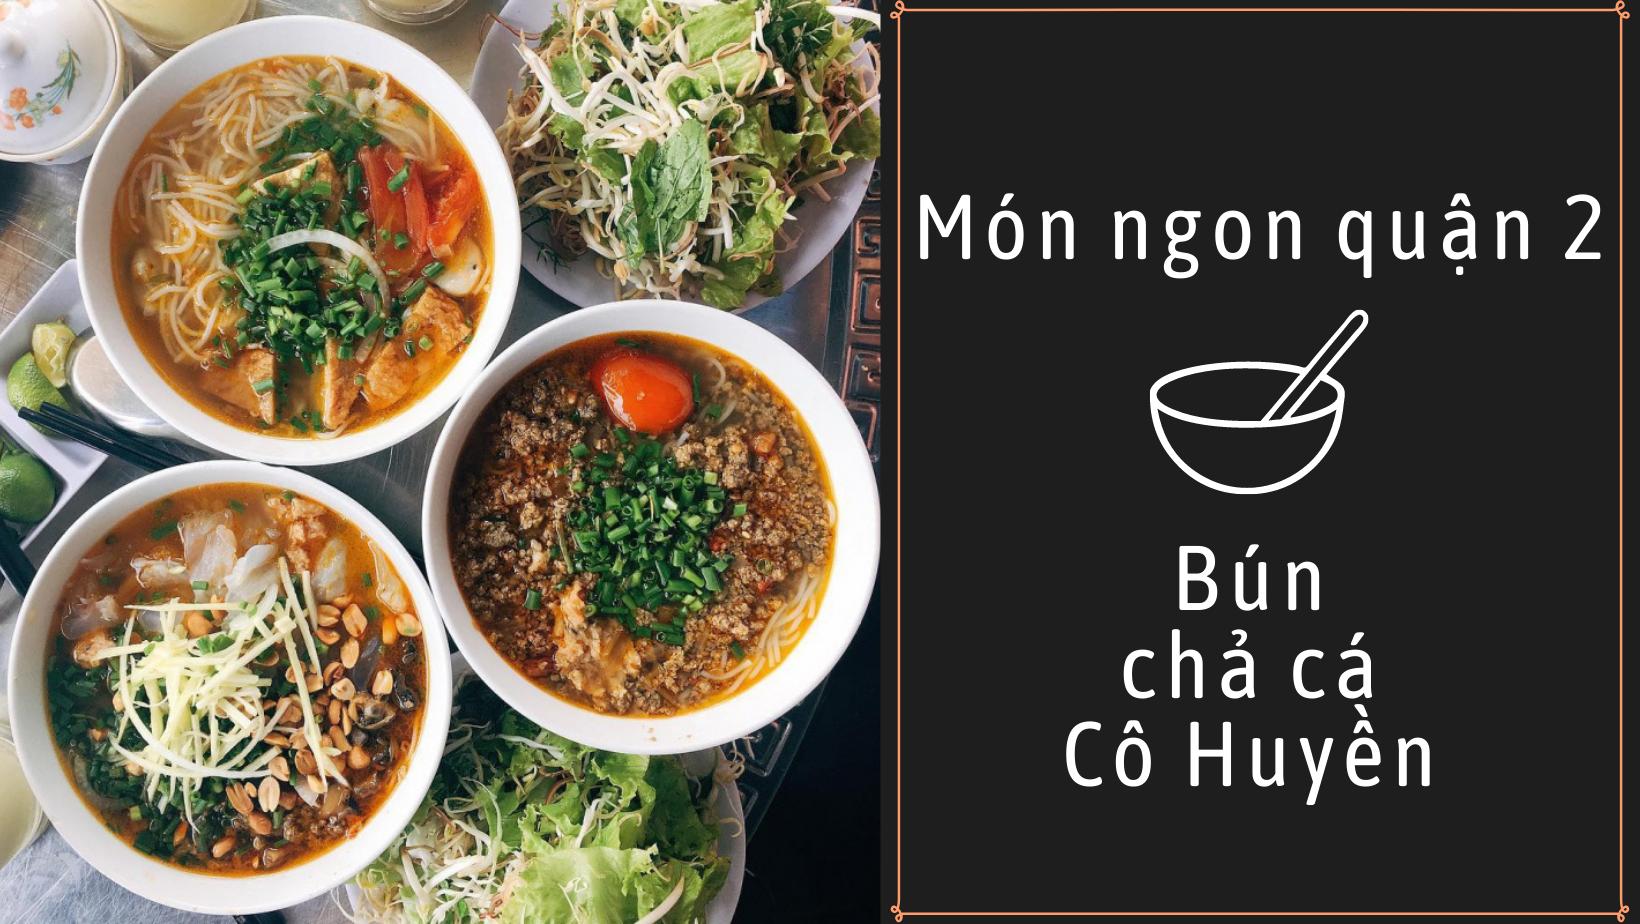 Món ngon quận 2: Bún chả cá Cô Huyền, điểm tâm sáng nổi tiếng Sài Gòn 7